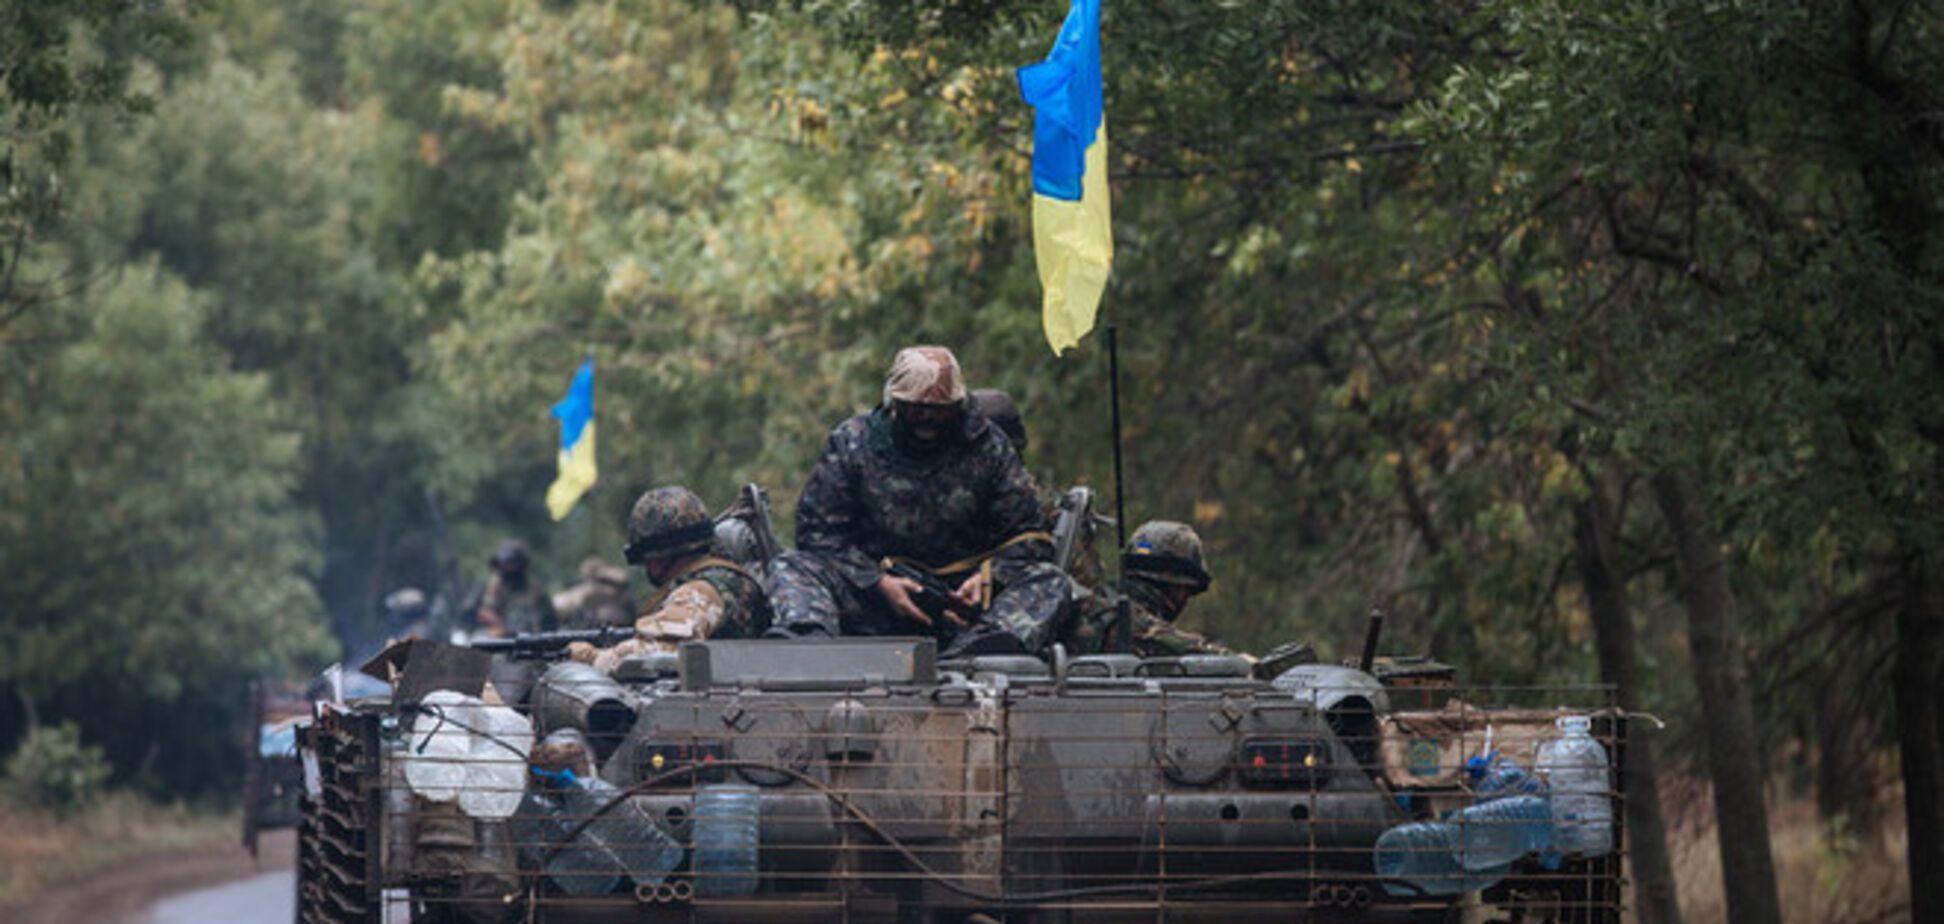 Террористы атаковали 'Градами' блокпосты сил АТО на Луганщине